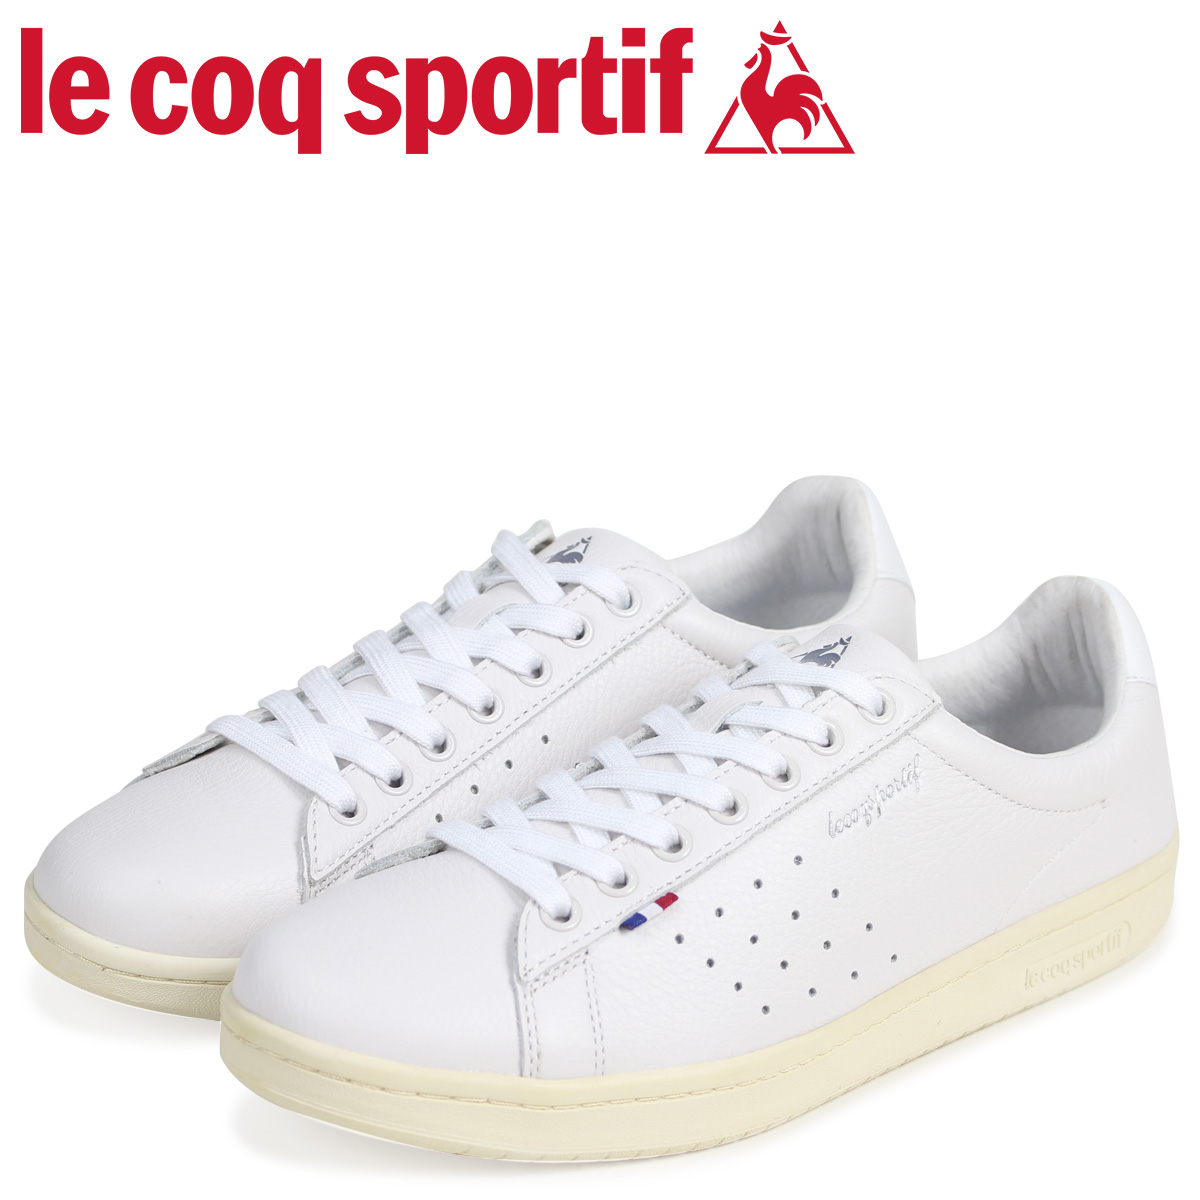 le coq sportif ルコック スポルティフ メンズ スニーカー LA ローラン LE+ ROLAND ホワイト QL1LJC15WH [7/12 追加入荷]